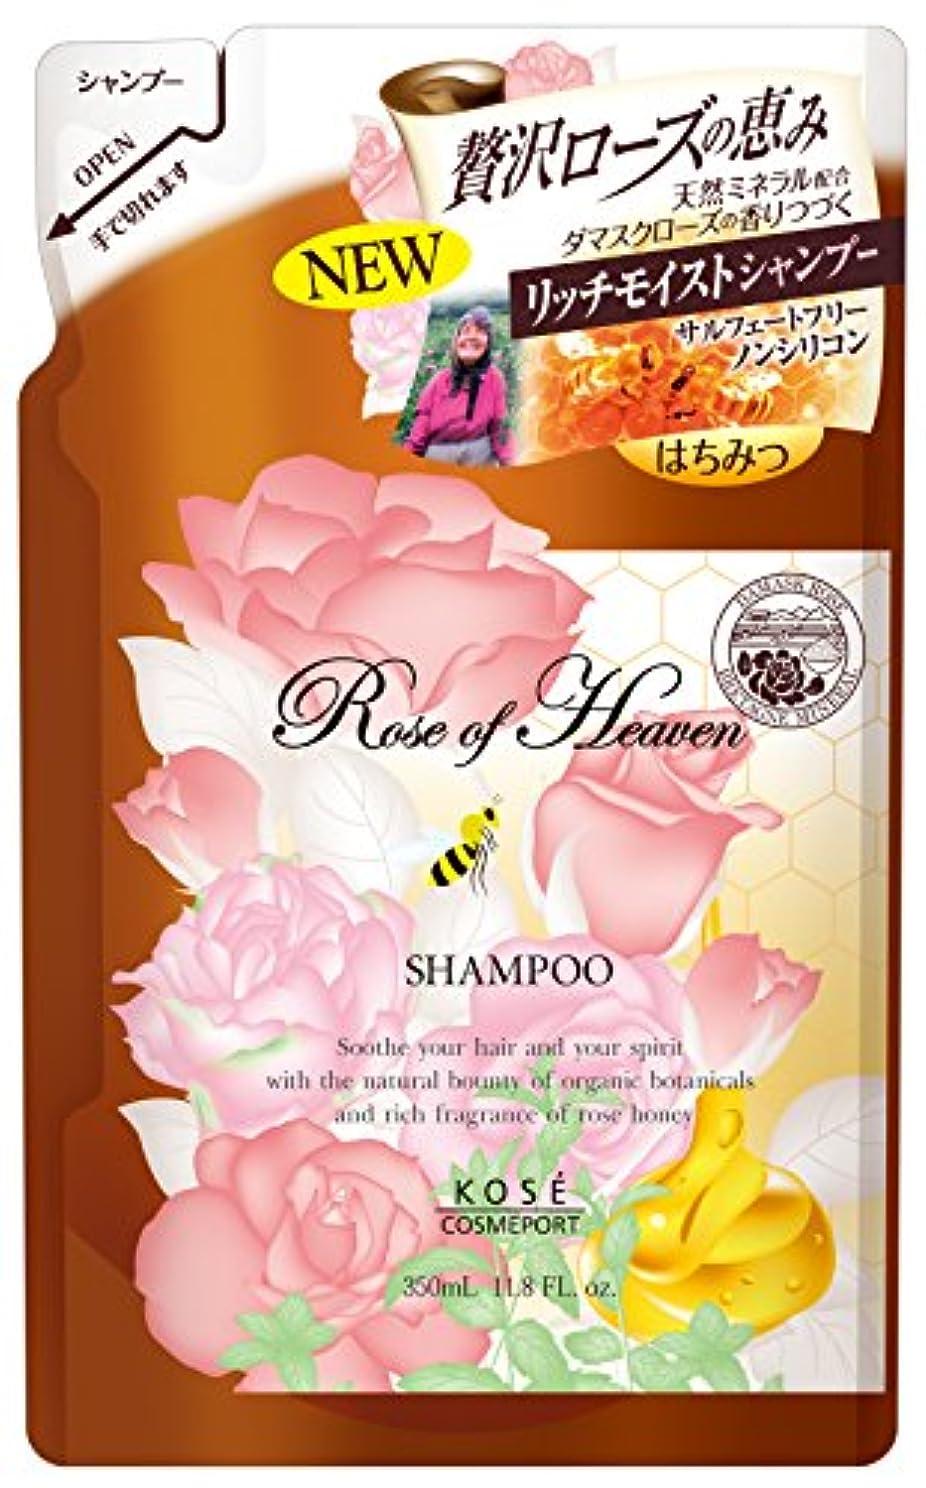 KOSE コーセー ローズオブヘブン ノンシリコンシャンプー 詰め替え 350ml (バラの香り)